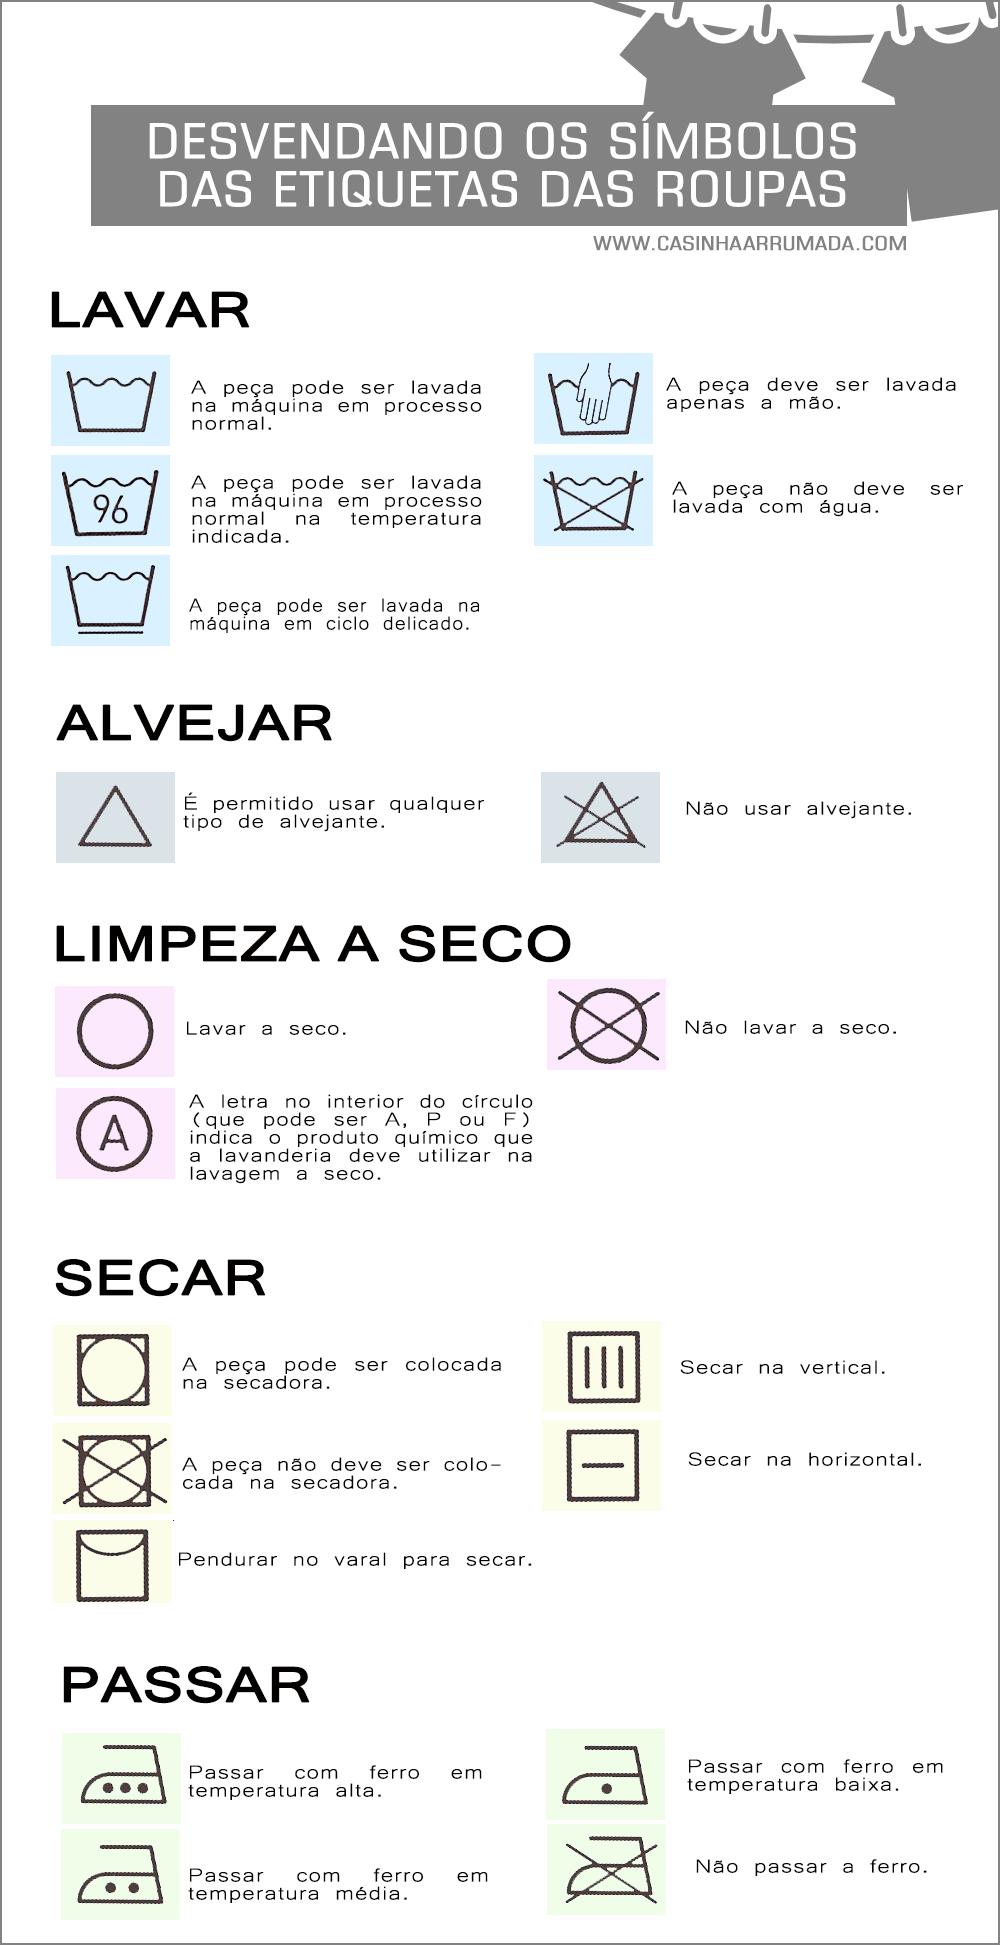 O que significam os símbolos das etiquetas das roupas 3